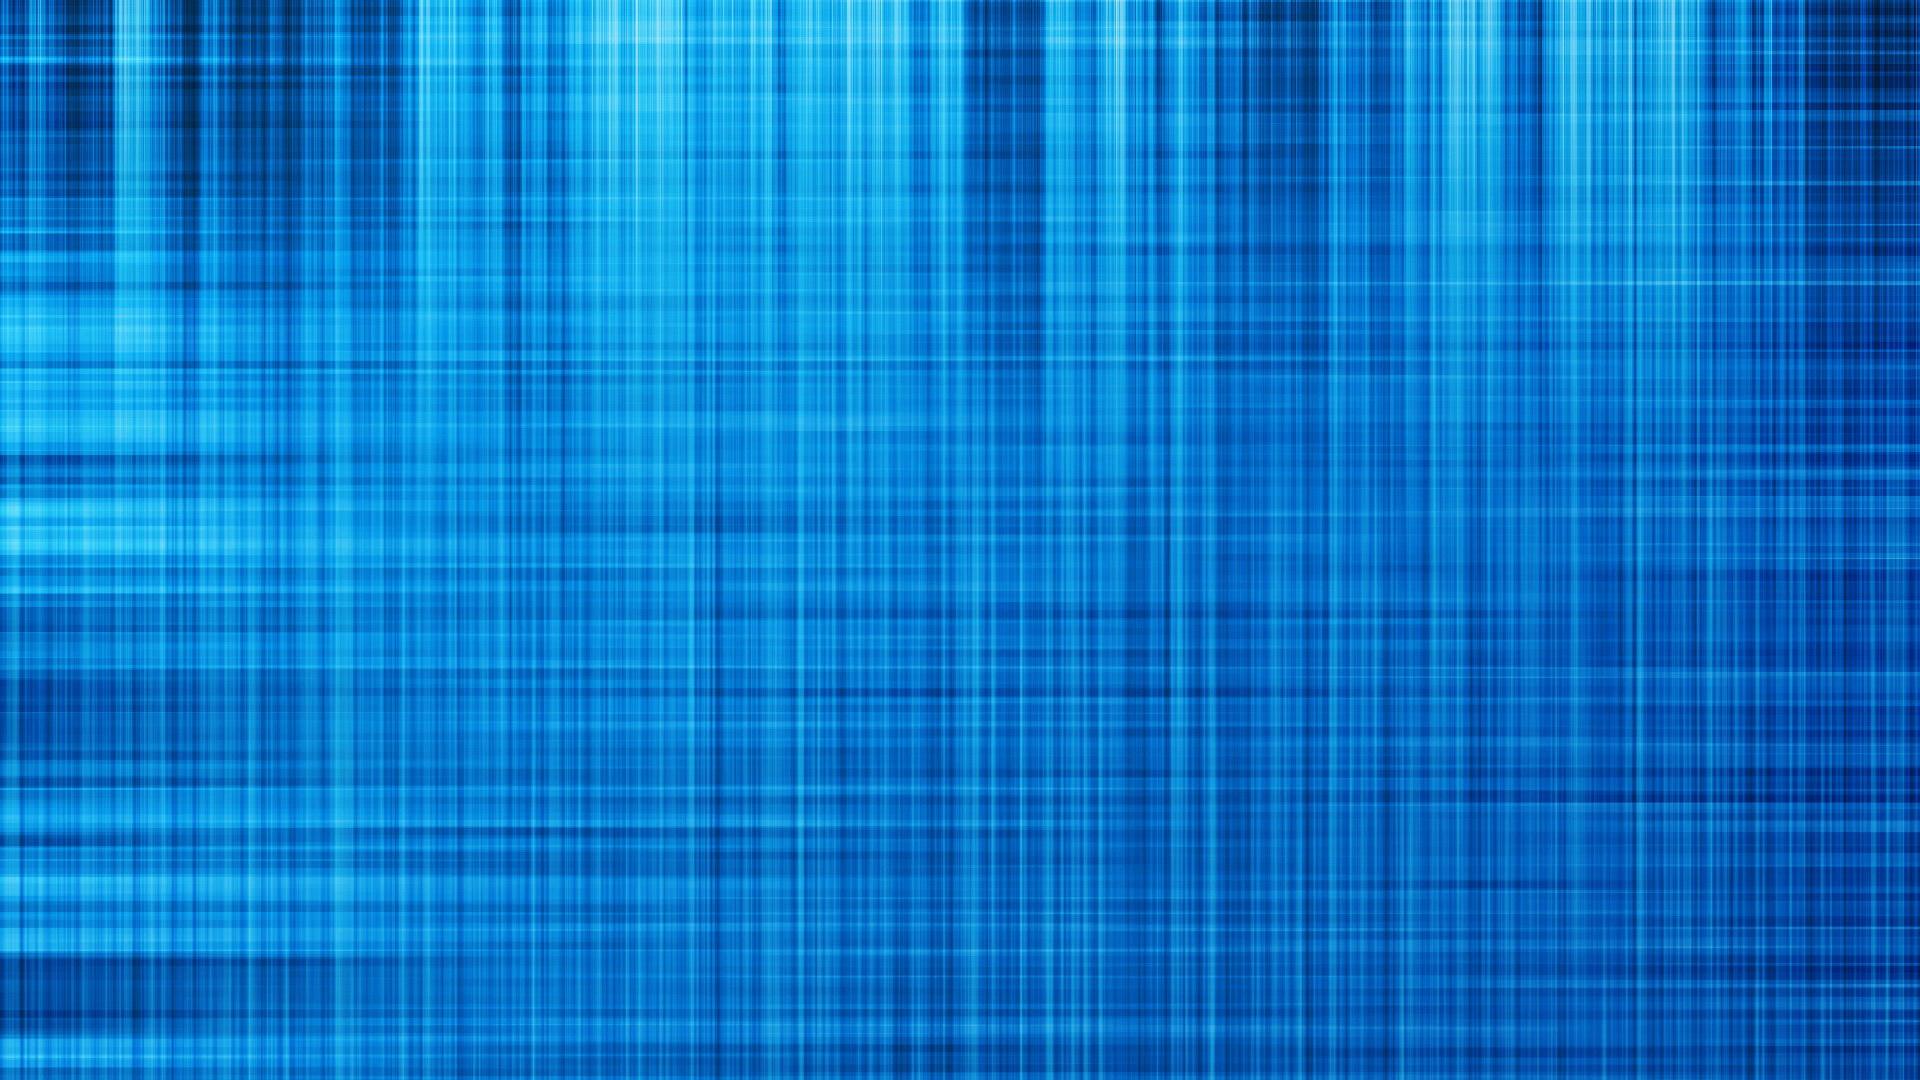 материал, синий, поверхность